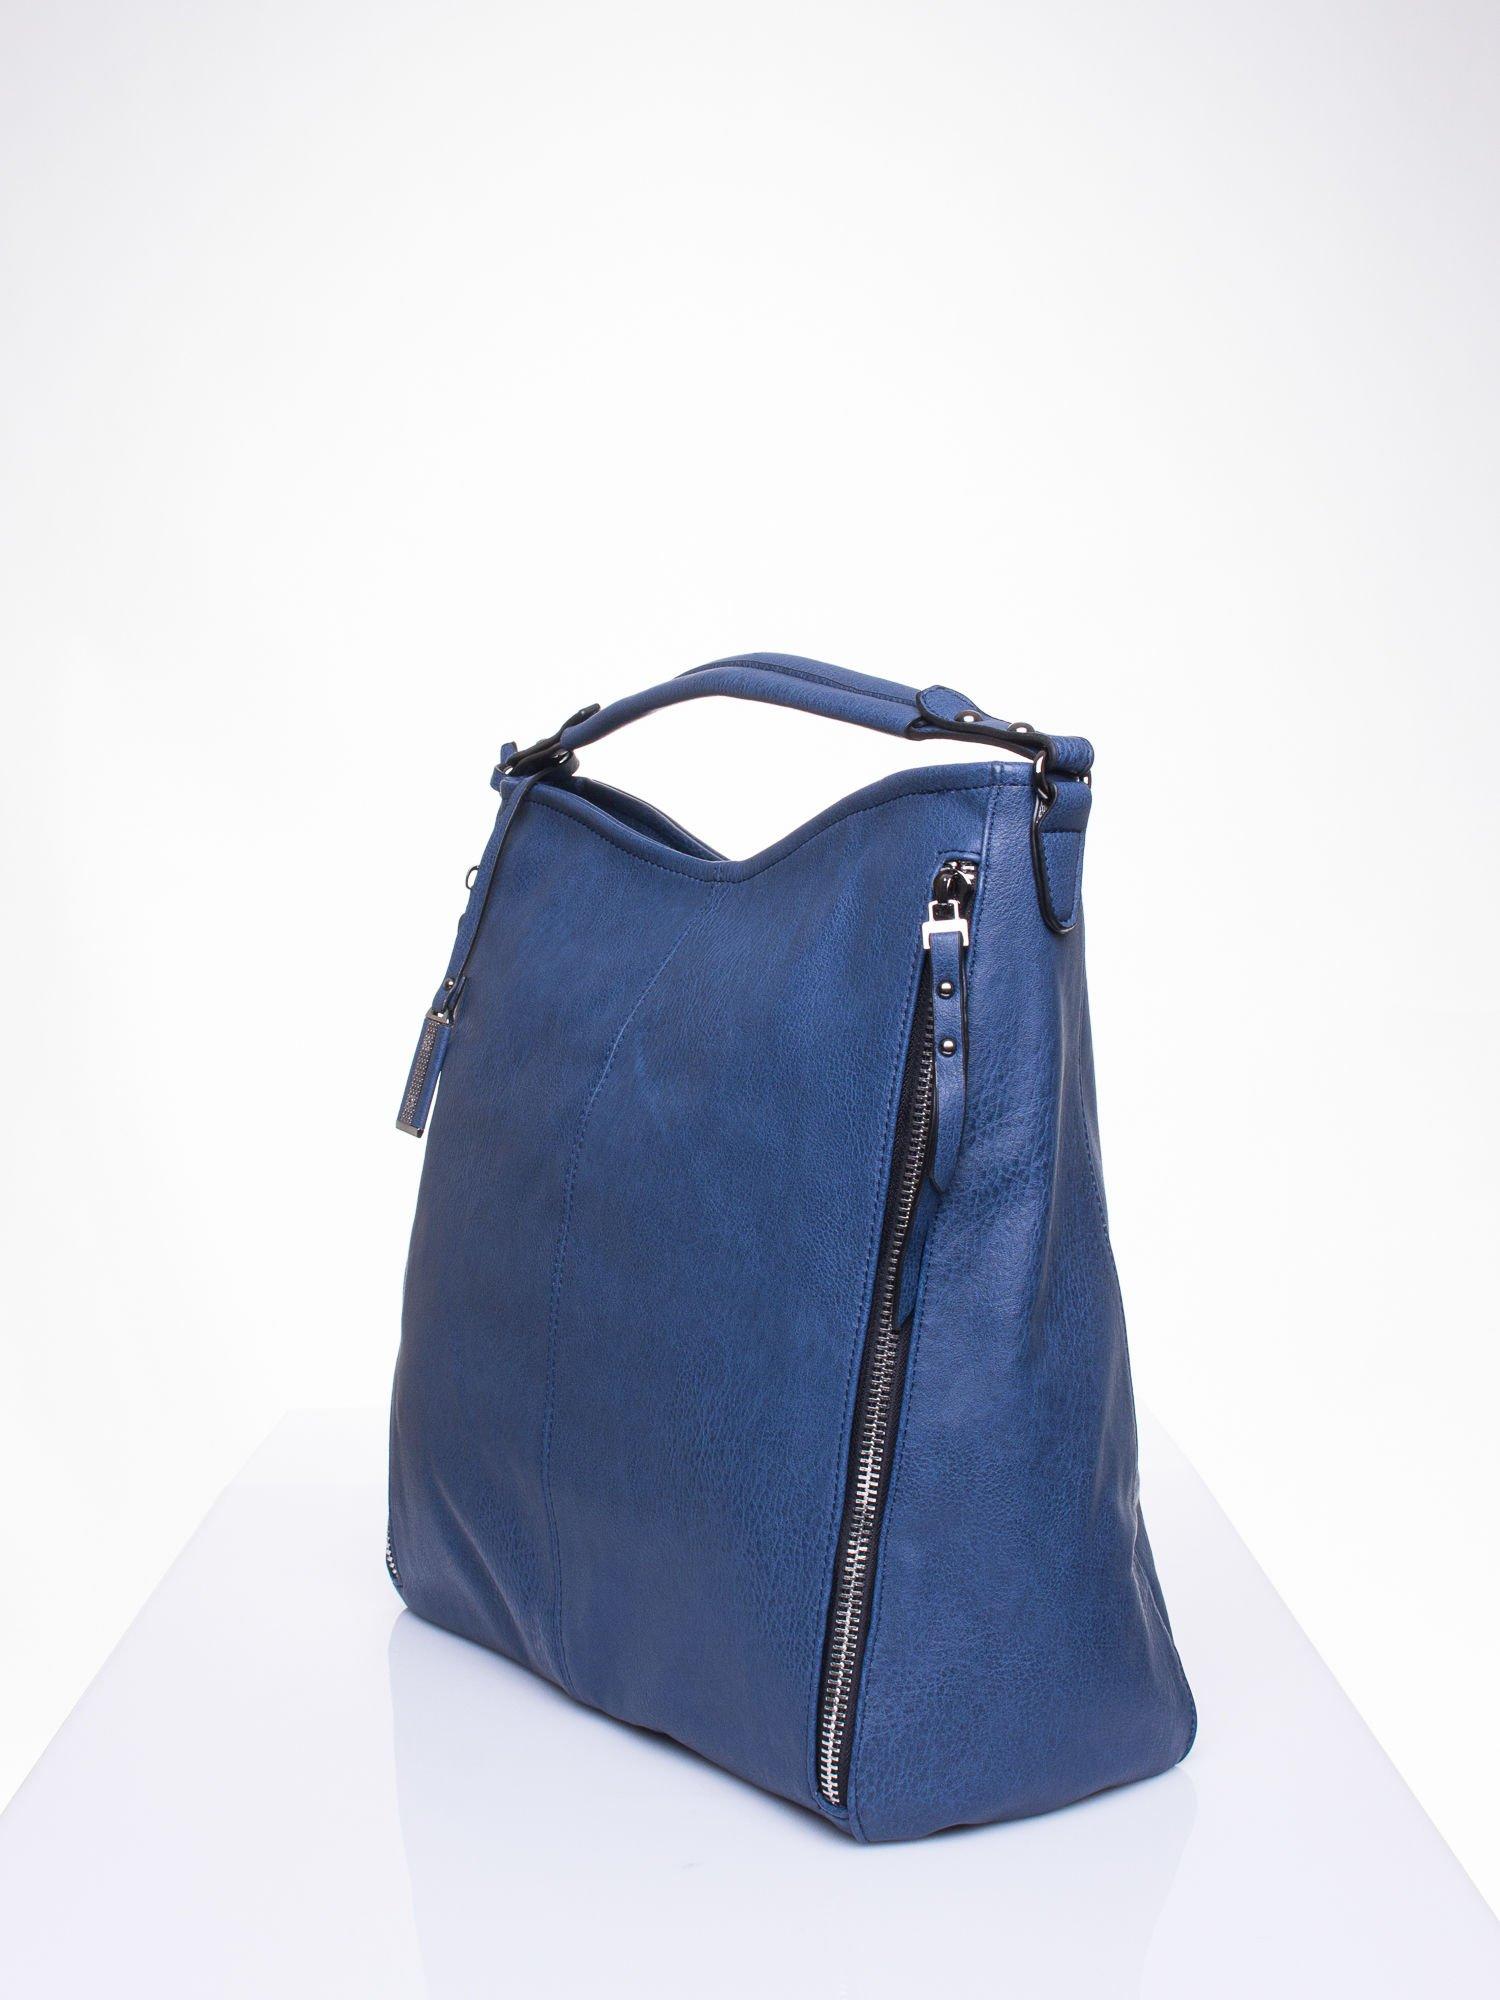 Granatowa torba hobo z suwakami po bokach                                  zdj.                                  3